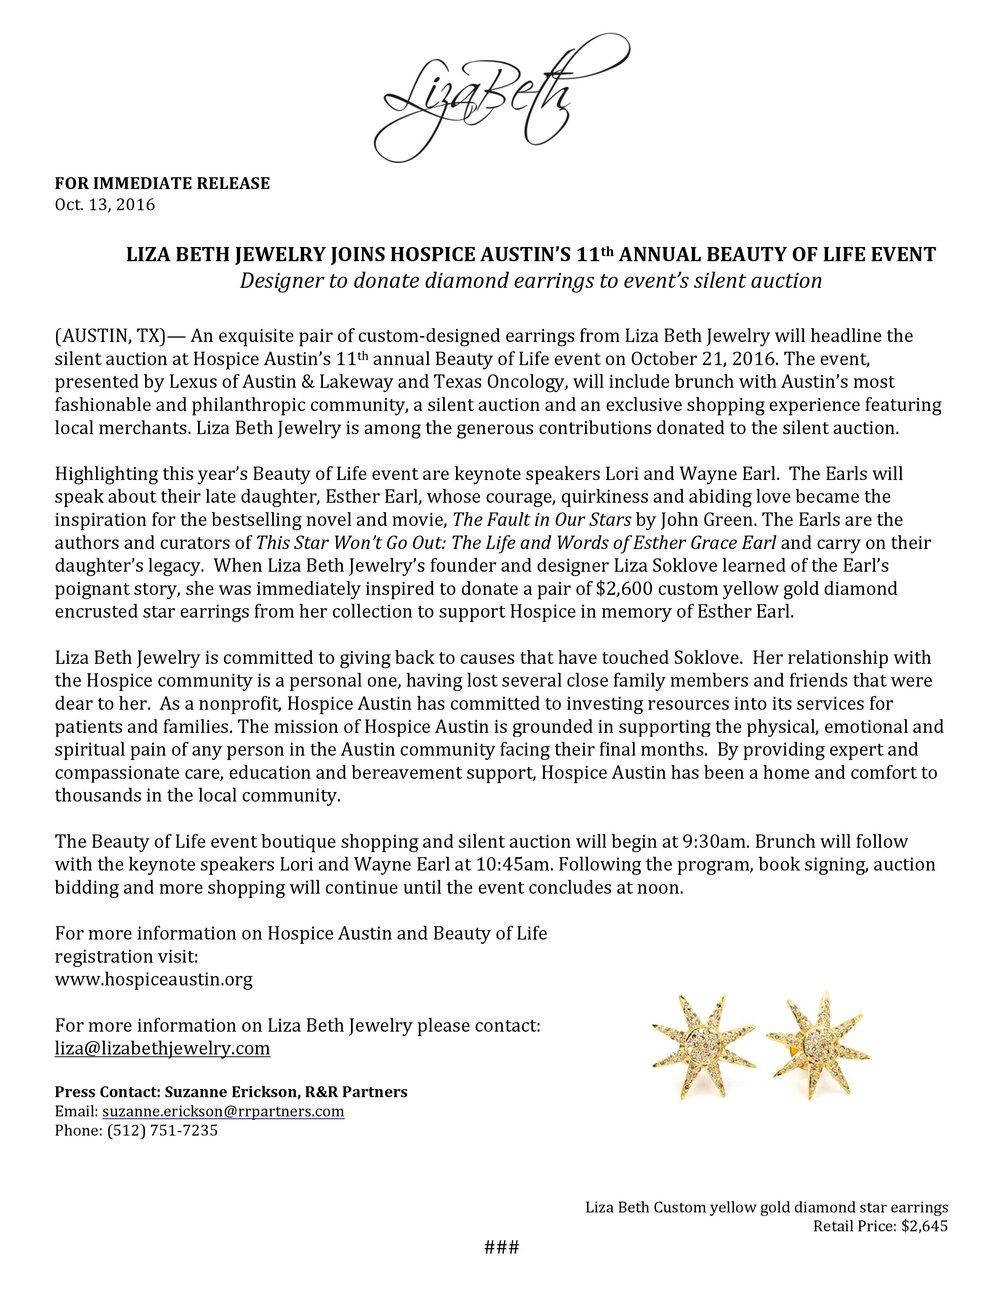 Liza Beth Hospice Press Release FINAL-page-001.jpg